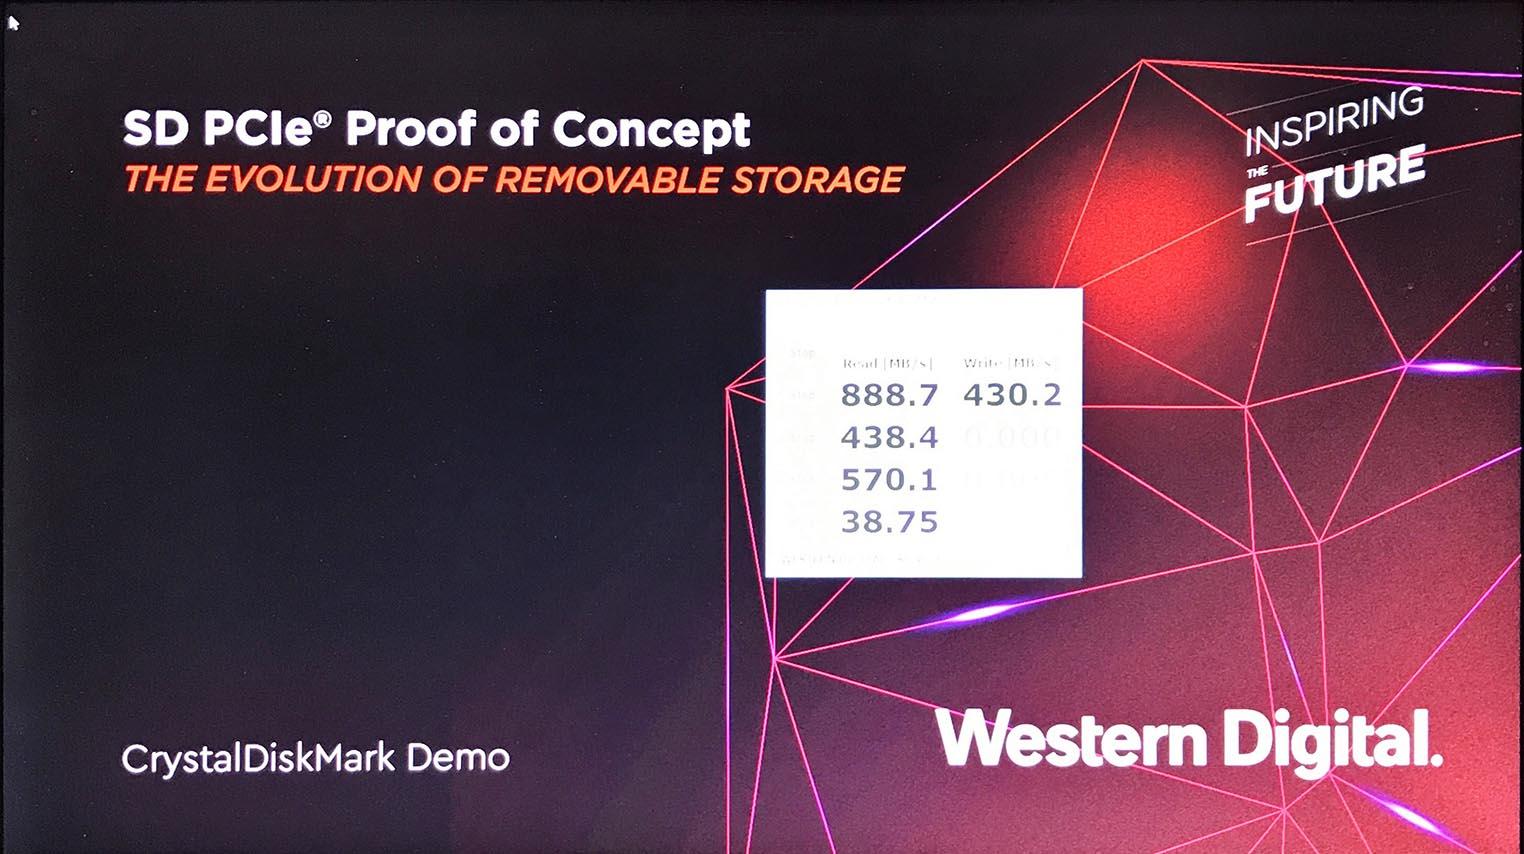 Débits carte SD PCIe SanDisk